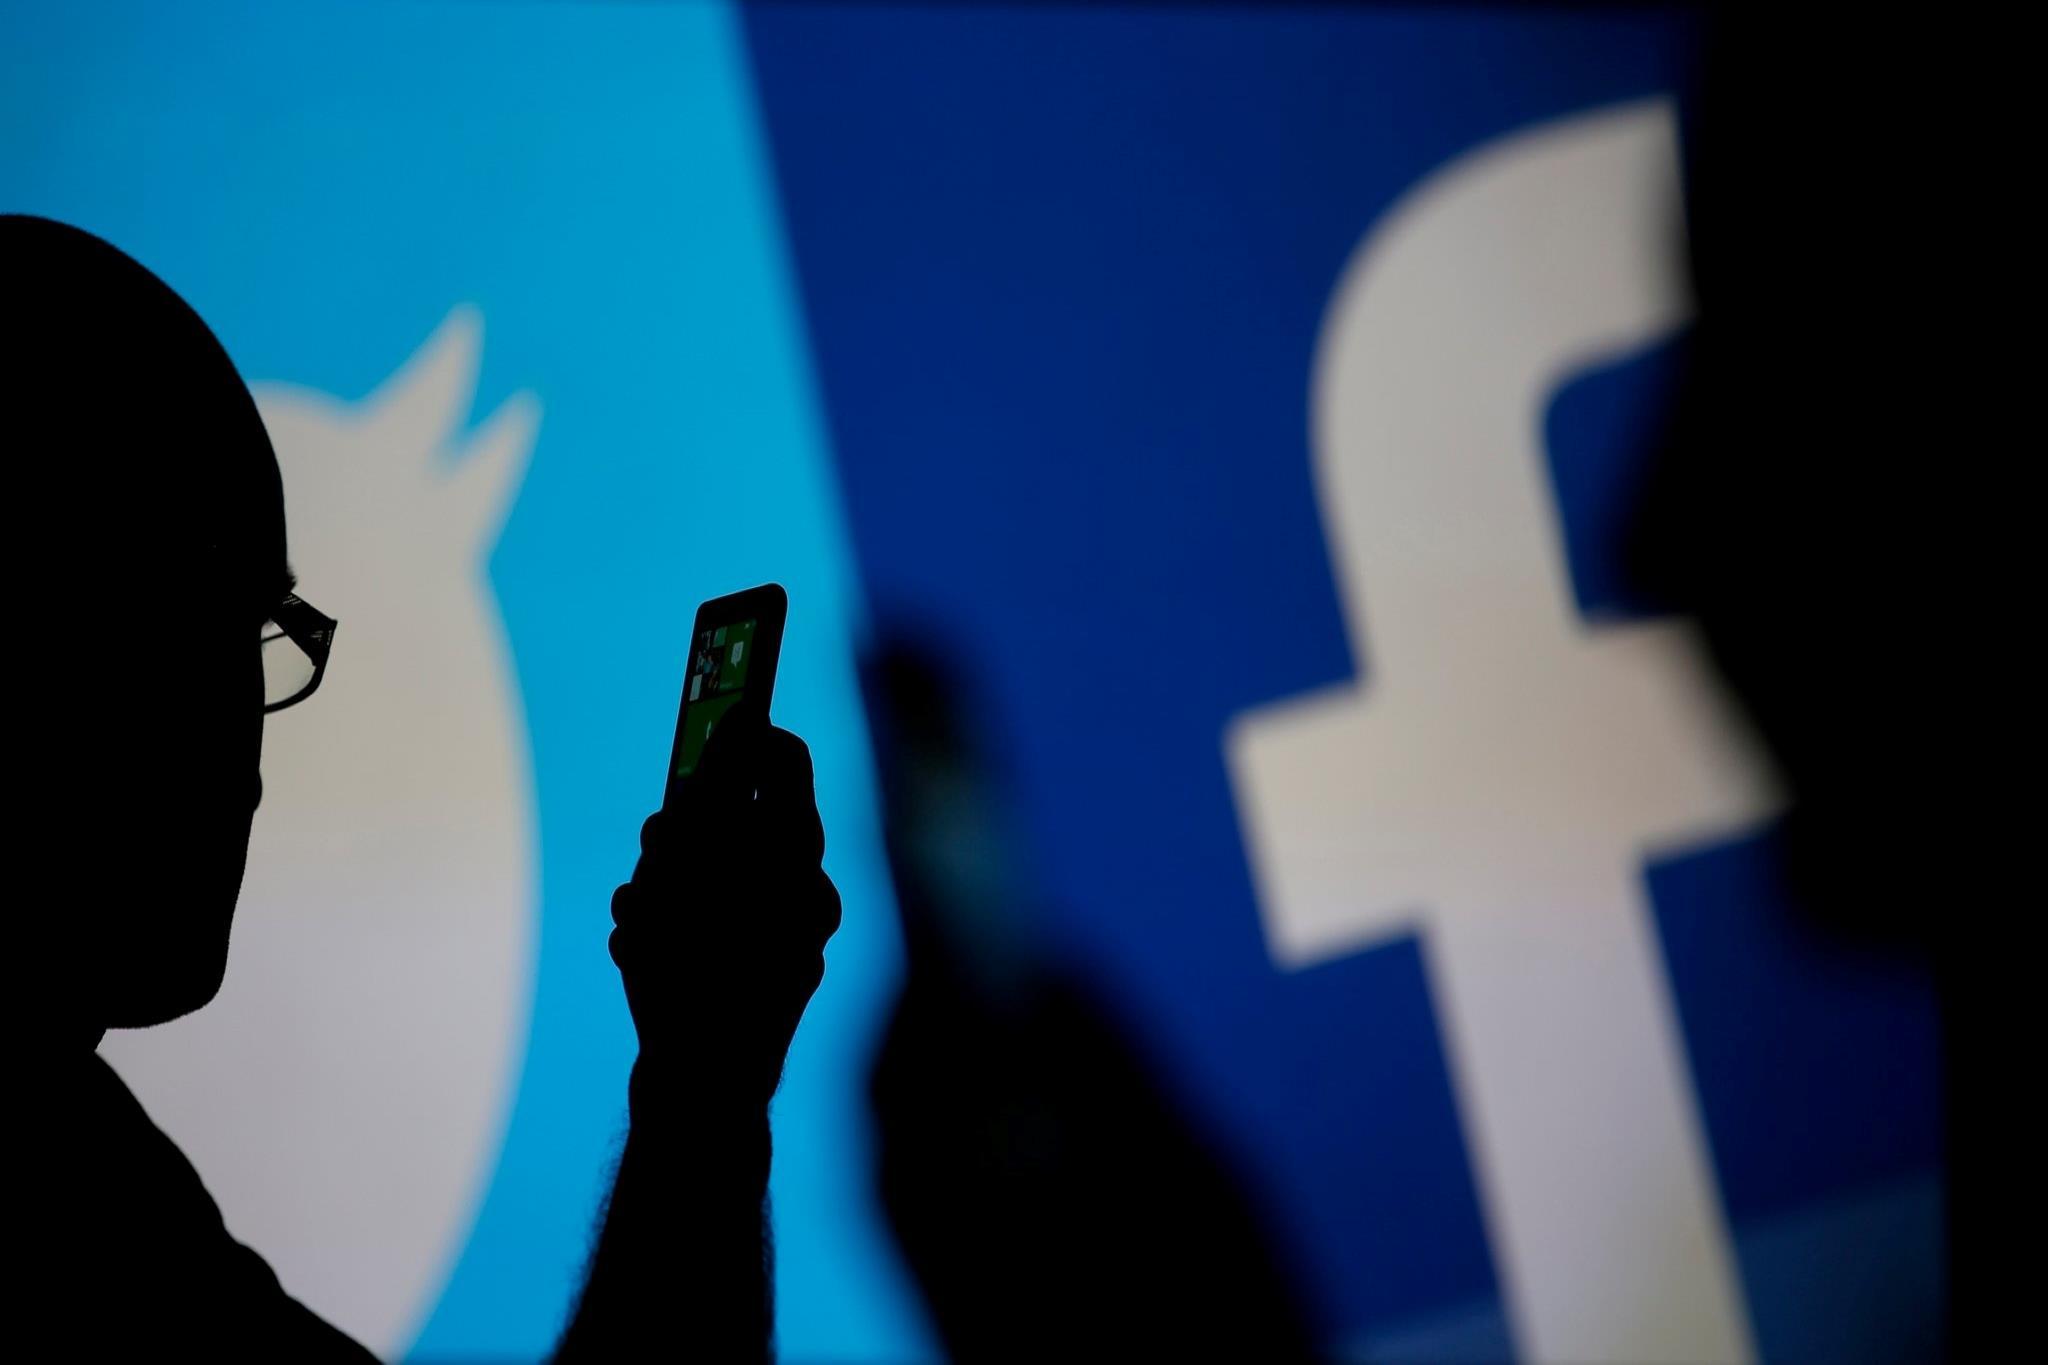 ليس واتساب فقط.. توقف فيسبوك وتويتر على ملايين الهواتف